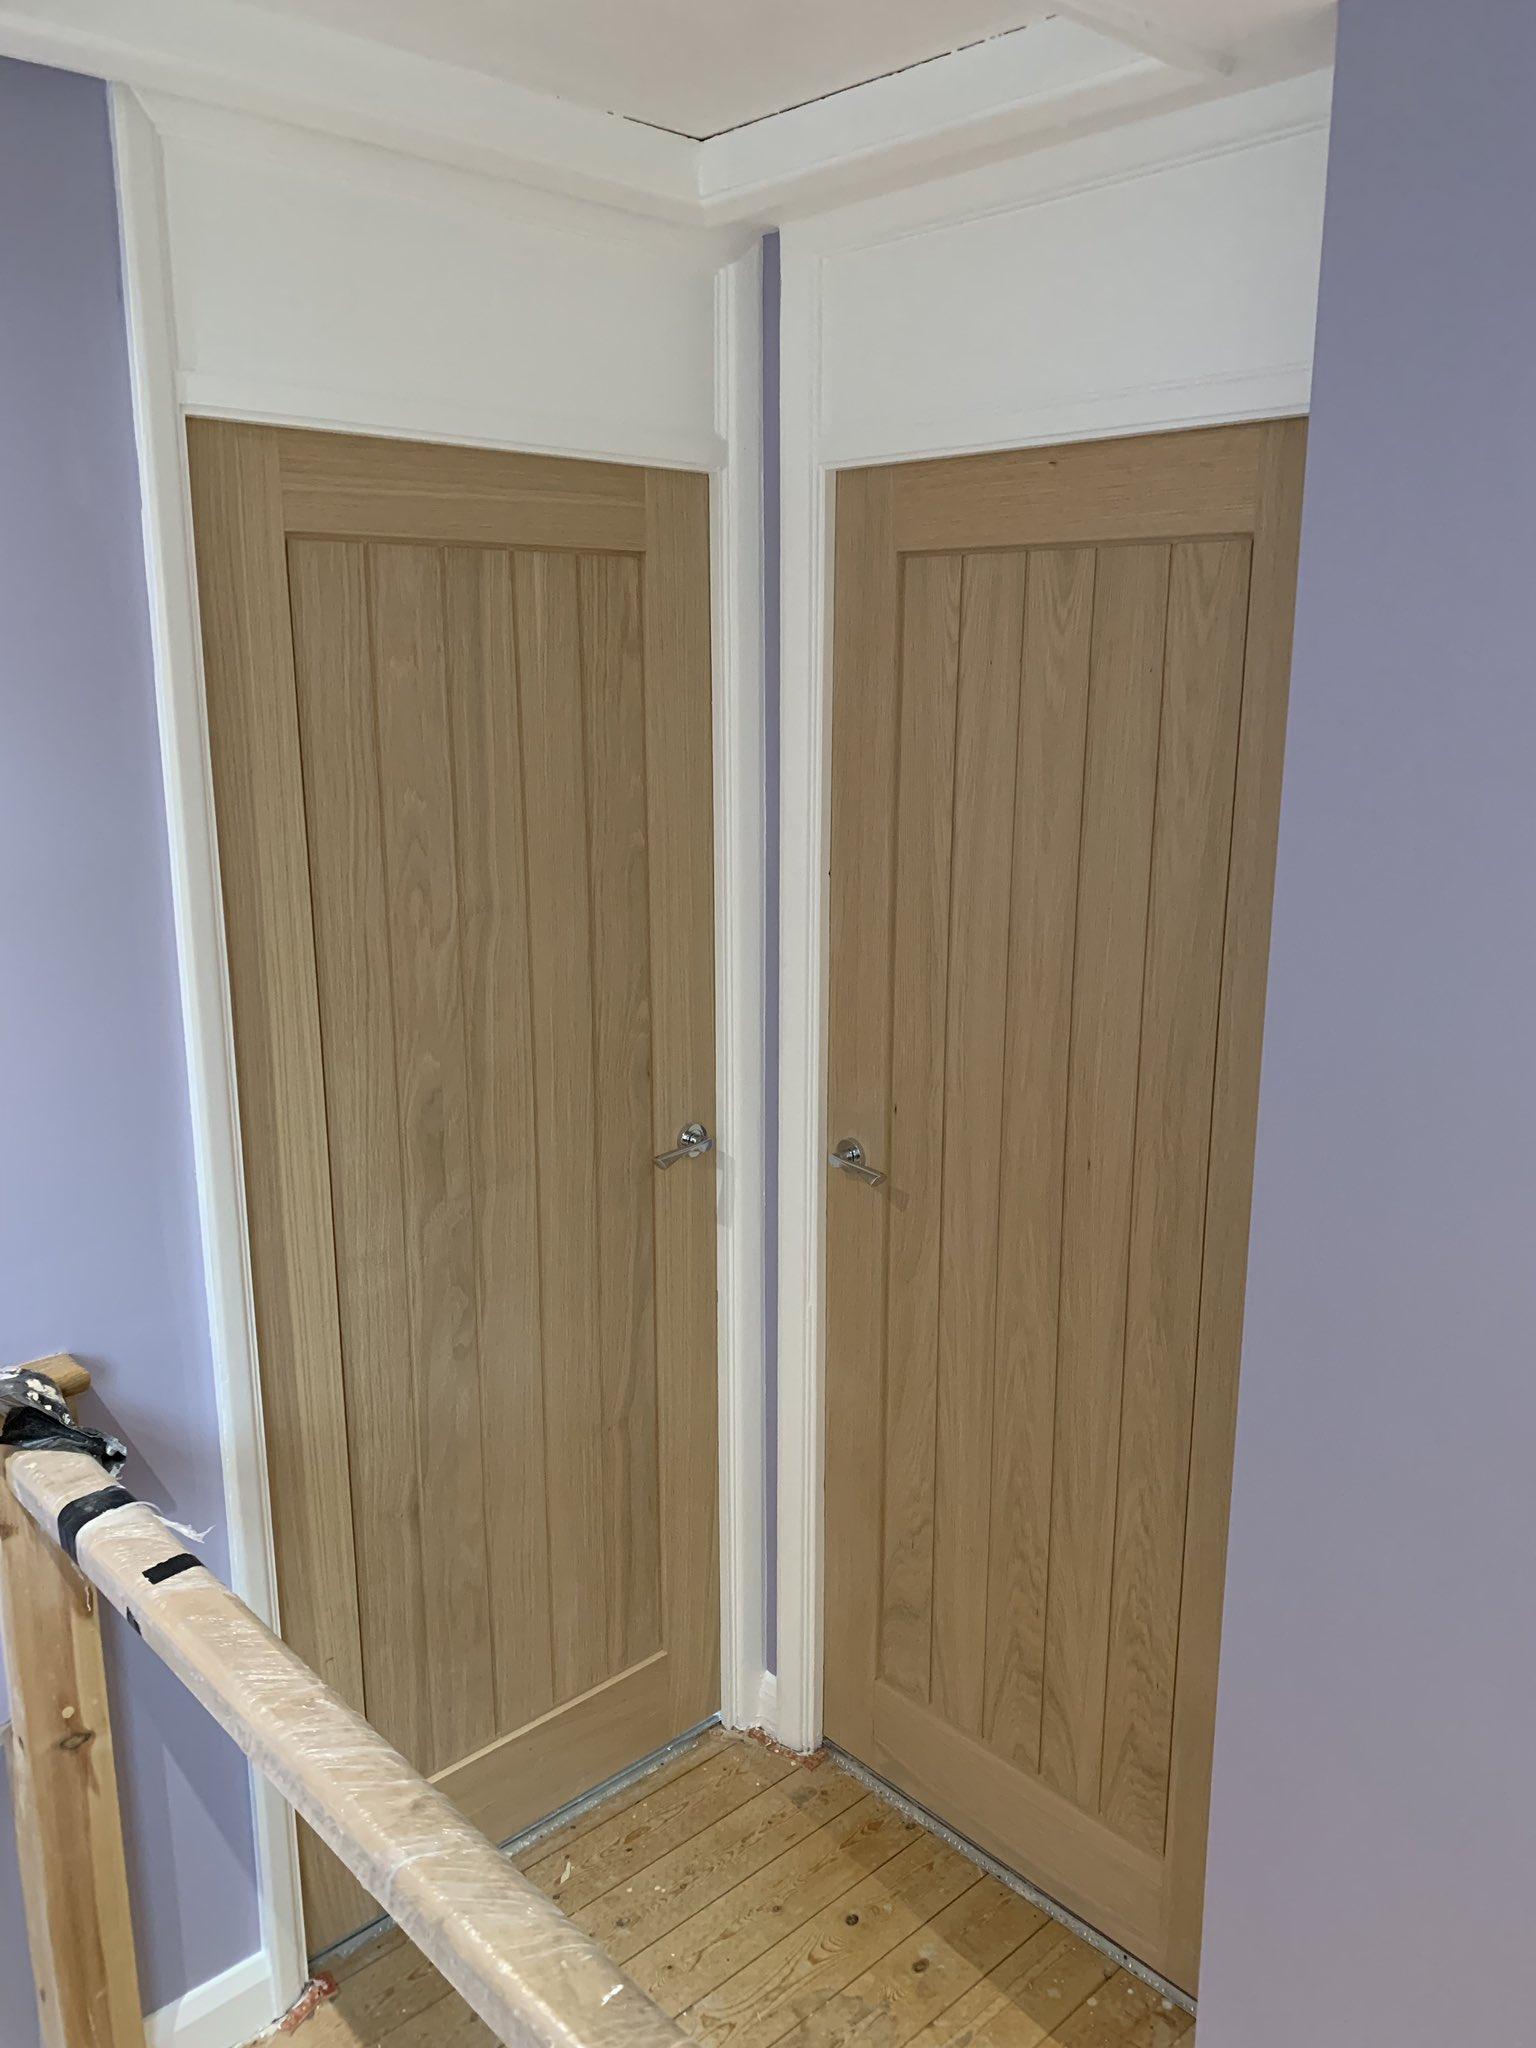 Oak Doors - Carpentry Services Poole